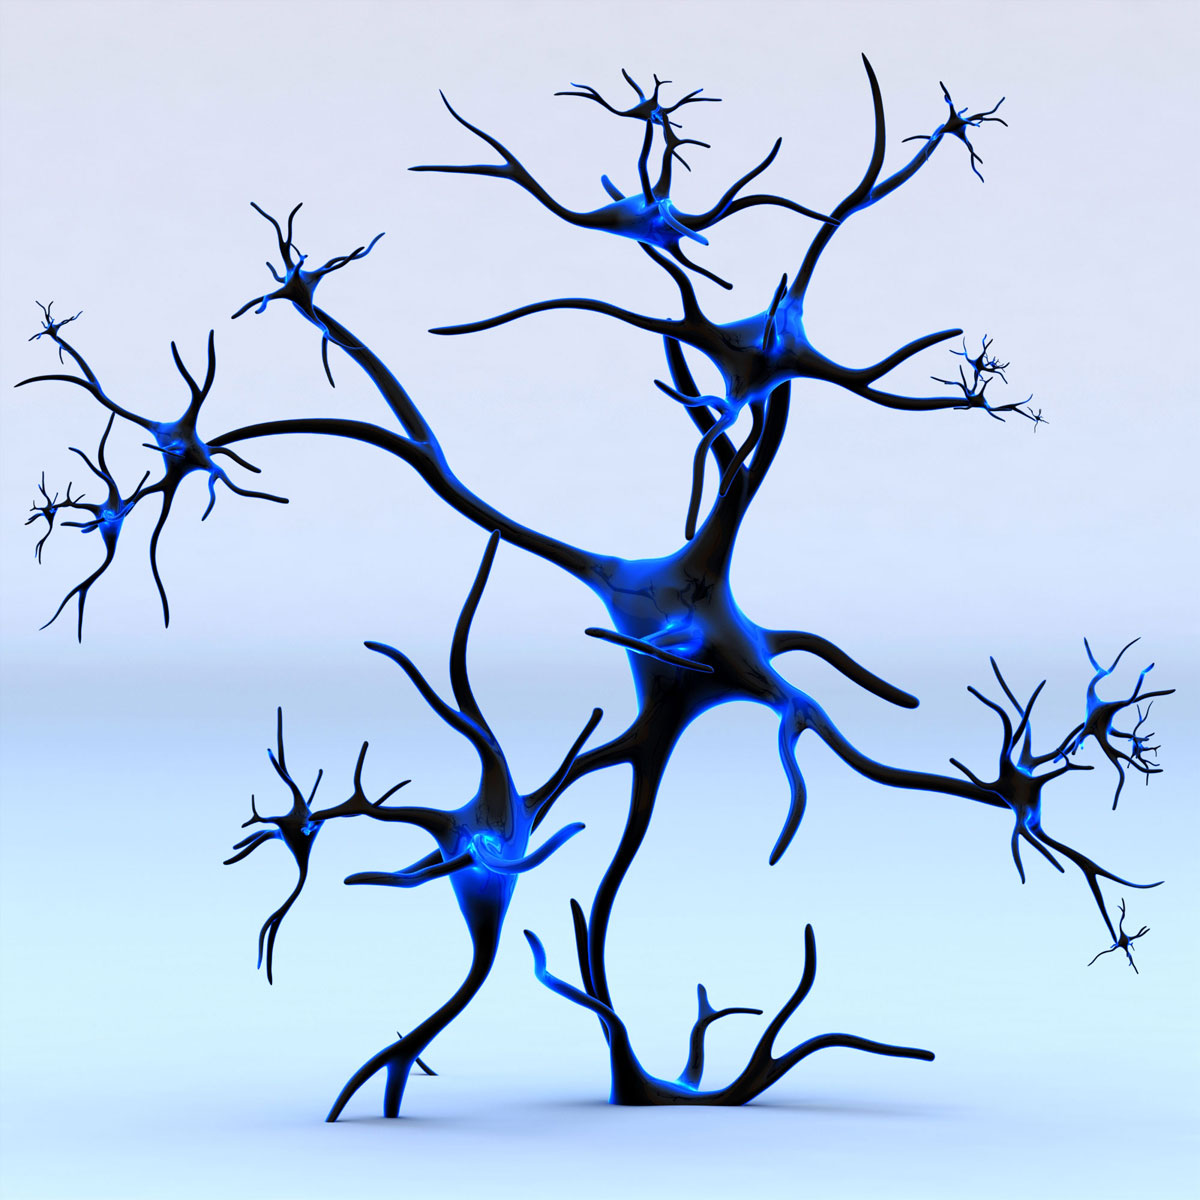 Neuronic Neuron Modern Sculpture - Contemporary Public Art